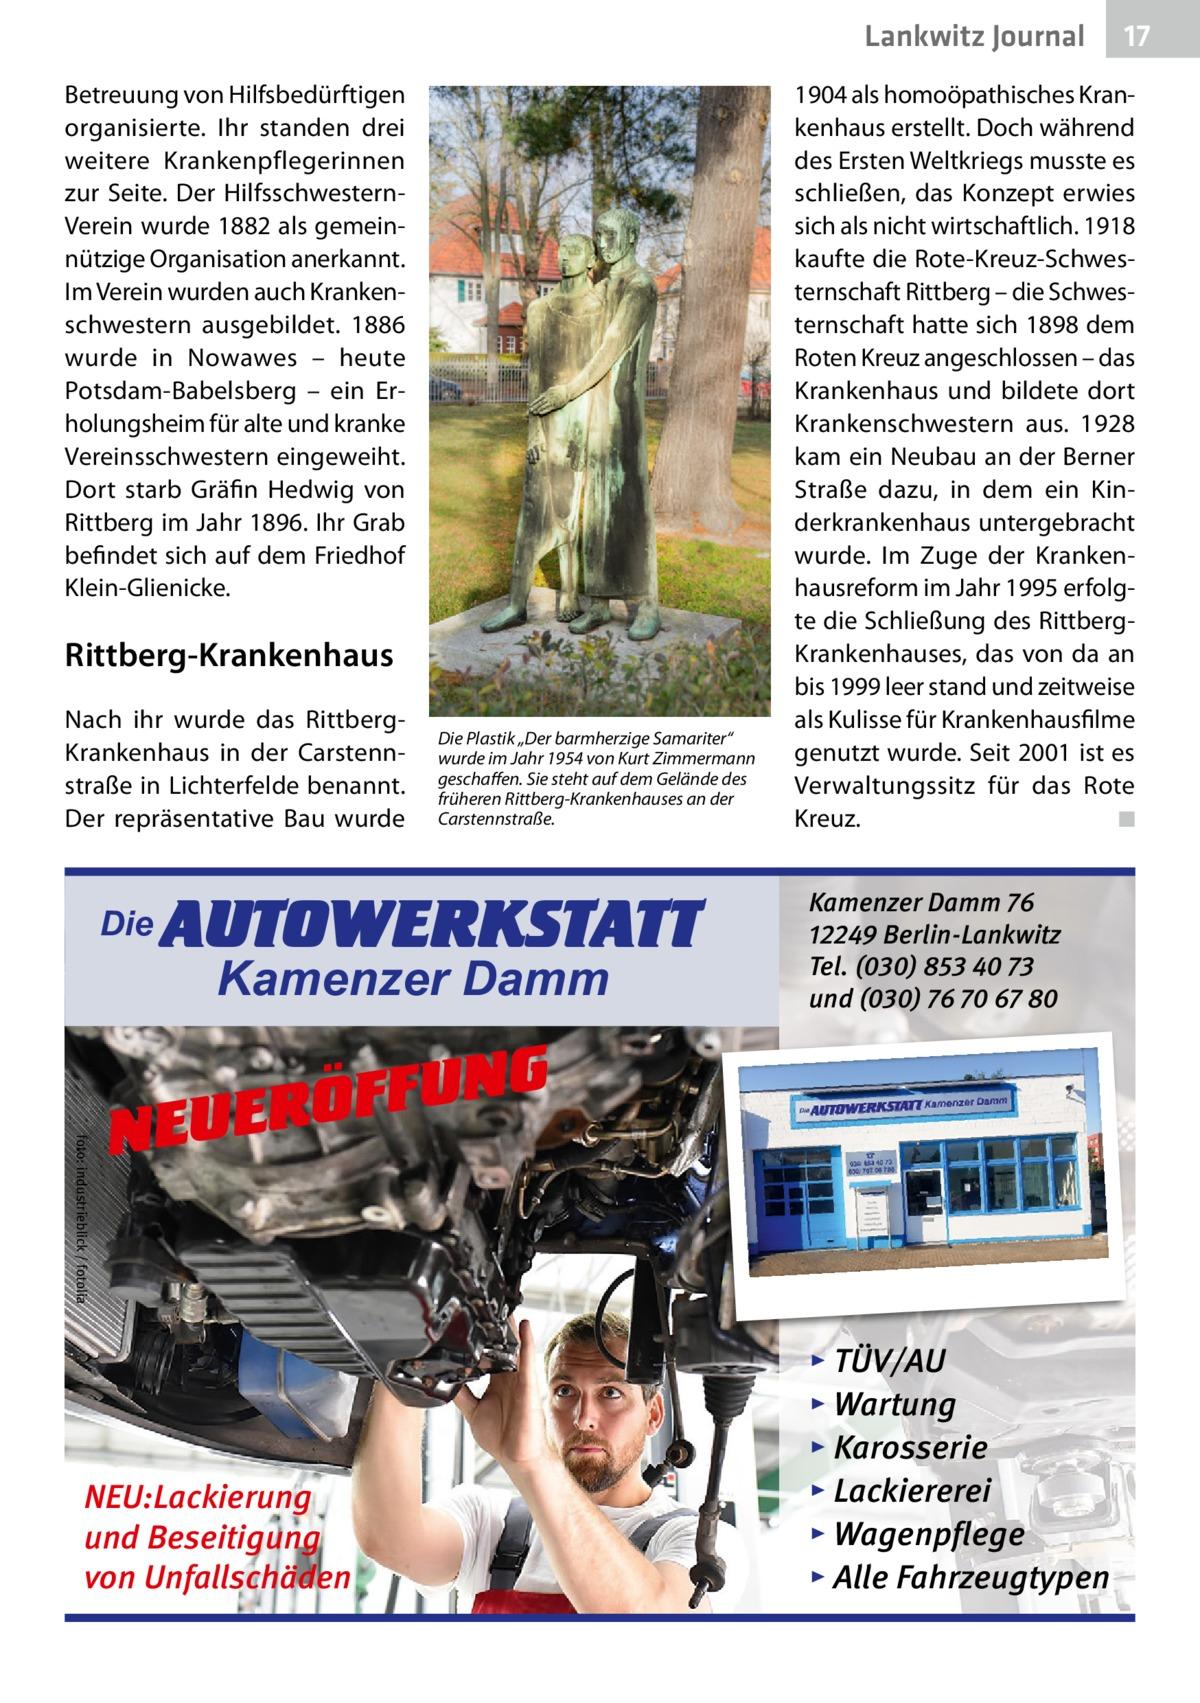 """Lankwitz Journal Betreuung von Hilfsbedürftigen organisierte. Ihr standen drei weitere Krankenpflegerinnen zur Seite. Der HilfsschwesternVerein wurde 1882 als gemeinnützige Organisation anerkannt. Im Verein wurden auch Krankenschwestern ausgebildet. 1886 wurde in Nowawes – heute Potsdam-Babelsberg – ein Erholungsheim für alte und kranke Vereinsschwestern eingeweiht. Dort starb Gräfin Hedwig von Rittberg im Jahr 1896. Ihr Grab befindet sich auf dem Friedhof Klein-Glienicke.  Rittberg-Krankenhaus Nach ihr wurde das RittbergKrankenhaus in der Carstennstraße in Lichterfelde benannt. Der repräsentative Bau wurde  Die  Die Plastik """"Der barmherzige Samariter"""" wurde im Jahr 1954 von Kurt Zimmermann geschaffen. Sie steht auf dem Gelände des früheren Rittberg-Krankenhauses an der Carstennstraße.  AUTOWERKSTATT Kamenzer Damm  1904 als homoöpathisches Krankenhaus erstellt. Doch während des Ersten Weltkriegs musste es schließen, das Konzept erwies sich als nicht wirtschaftlich. 1918 kaufte die Rote-Kreuz-Schwesternschaft Rittberg – die Schwesternschaft hatte sich 1898 dem Roten Kreuz angeschlossen – das Krankenhaus und bildete dort Krankenschwestern aus. 1928 kam ein Neubau an der Berner Straße dazu, in dem ein Kinderkrankenhaus untergebracht wurde. Im Zuge der Krankenhausreform im Jahr 1995 erfolgte die Schließung des RittbergKrankenhauses, das von da an bis 1999 leer stand und zeitweise als Kulisse für Krankenhausfilme genutzt wurde. Seit 2001 ist es Verwaltungssitz für das Rote Kreuz. � ◾  Kamenzer Damm 76 12249 Berlin-Lankwitz Tel. (030) 853 40 73 und (030) 76 70 67 80  foto: industrieblick / fotolia  NG U F F Ö R NEUE  NEU:Lackierung und Beseitigung von Unfallschäden  17  ▸ TÜV/AU ▸ Wartung ▸ Karosserie ▸ Lackiererei ▸ Wagenpflege ▸ Alle Fahrzeugtypen"""